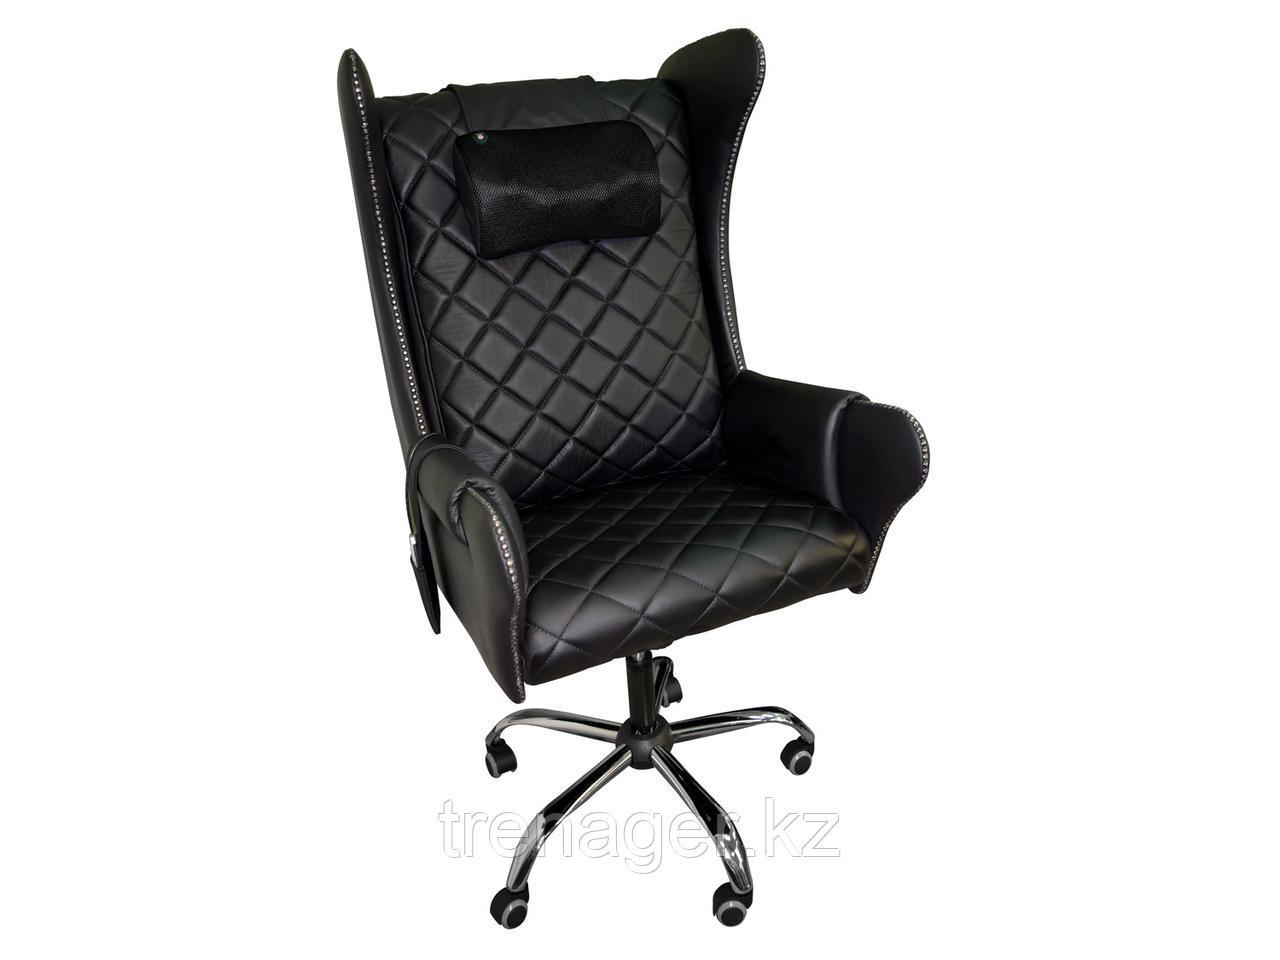 Массажное кресло EGO Lord EG3002 Lux Черный Оникс